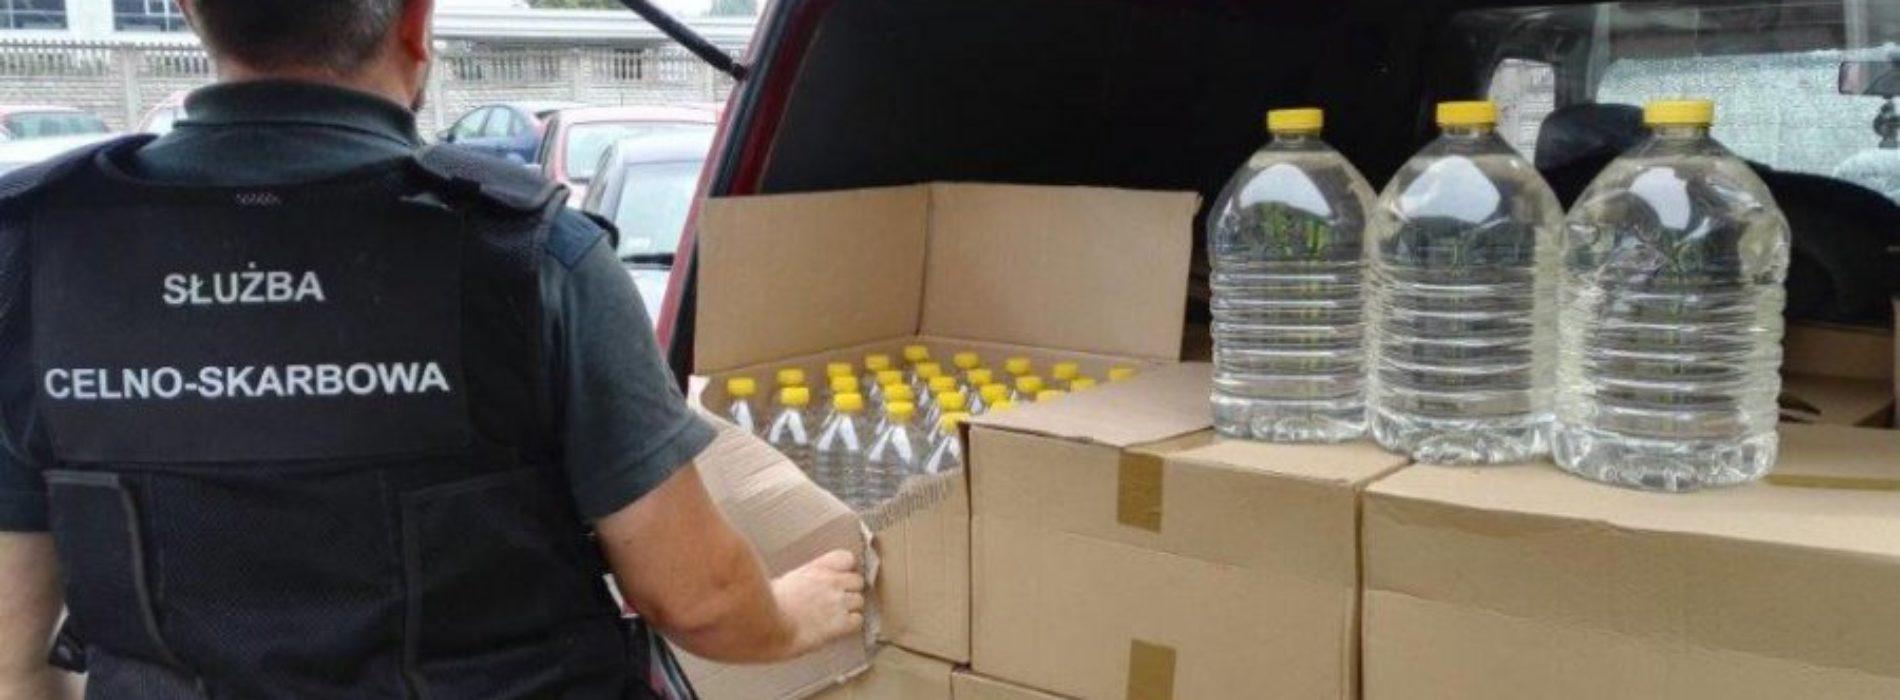 PRZEWOZIŁ BLISKO 700 LITRÓW ALKOHOLU BEZ ZNAKÓW AKCYZY